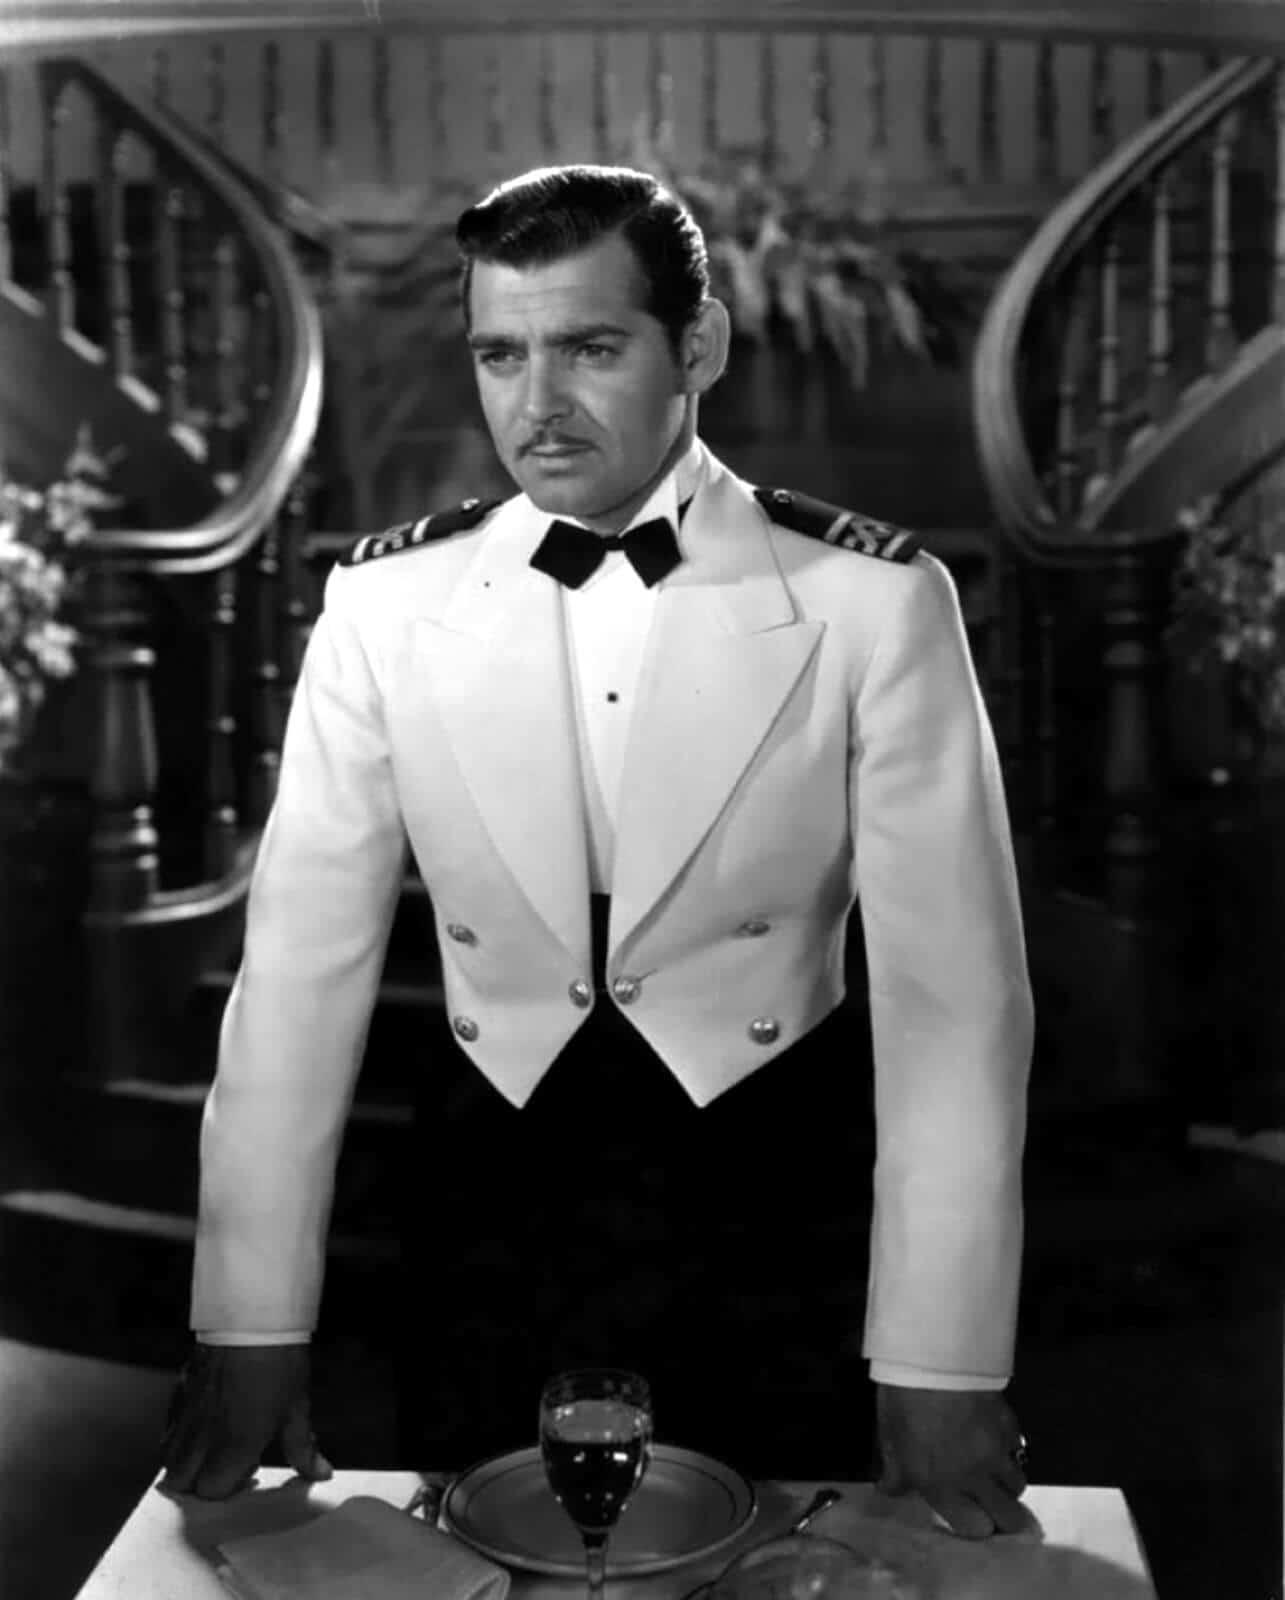 Clark Gable Gentleman Of Style Gentleman S Gazette